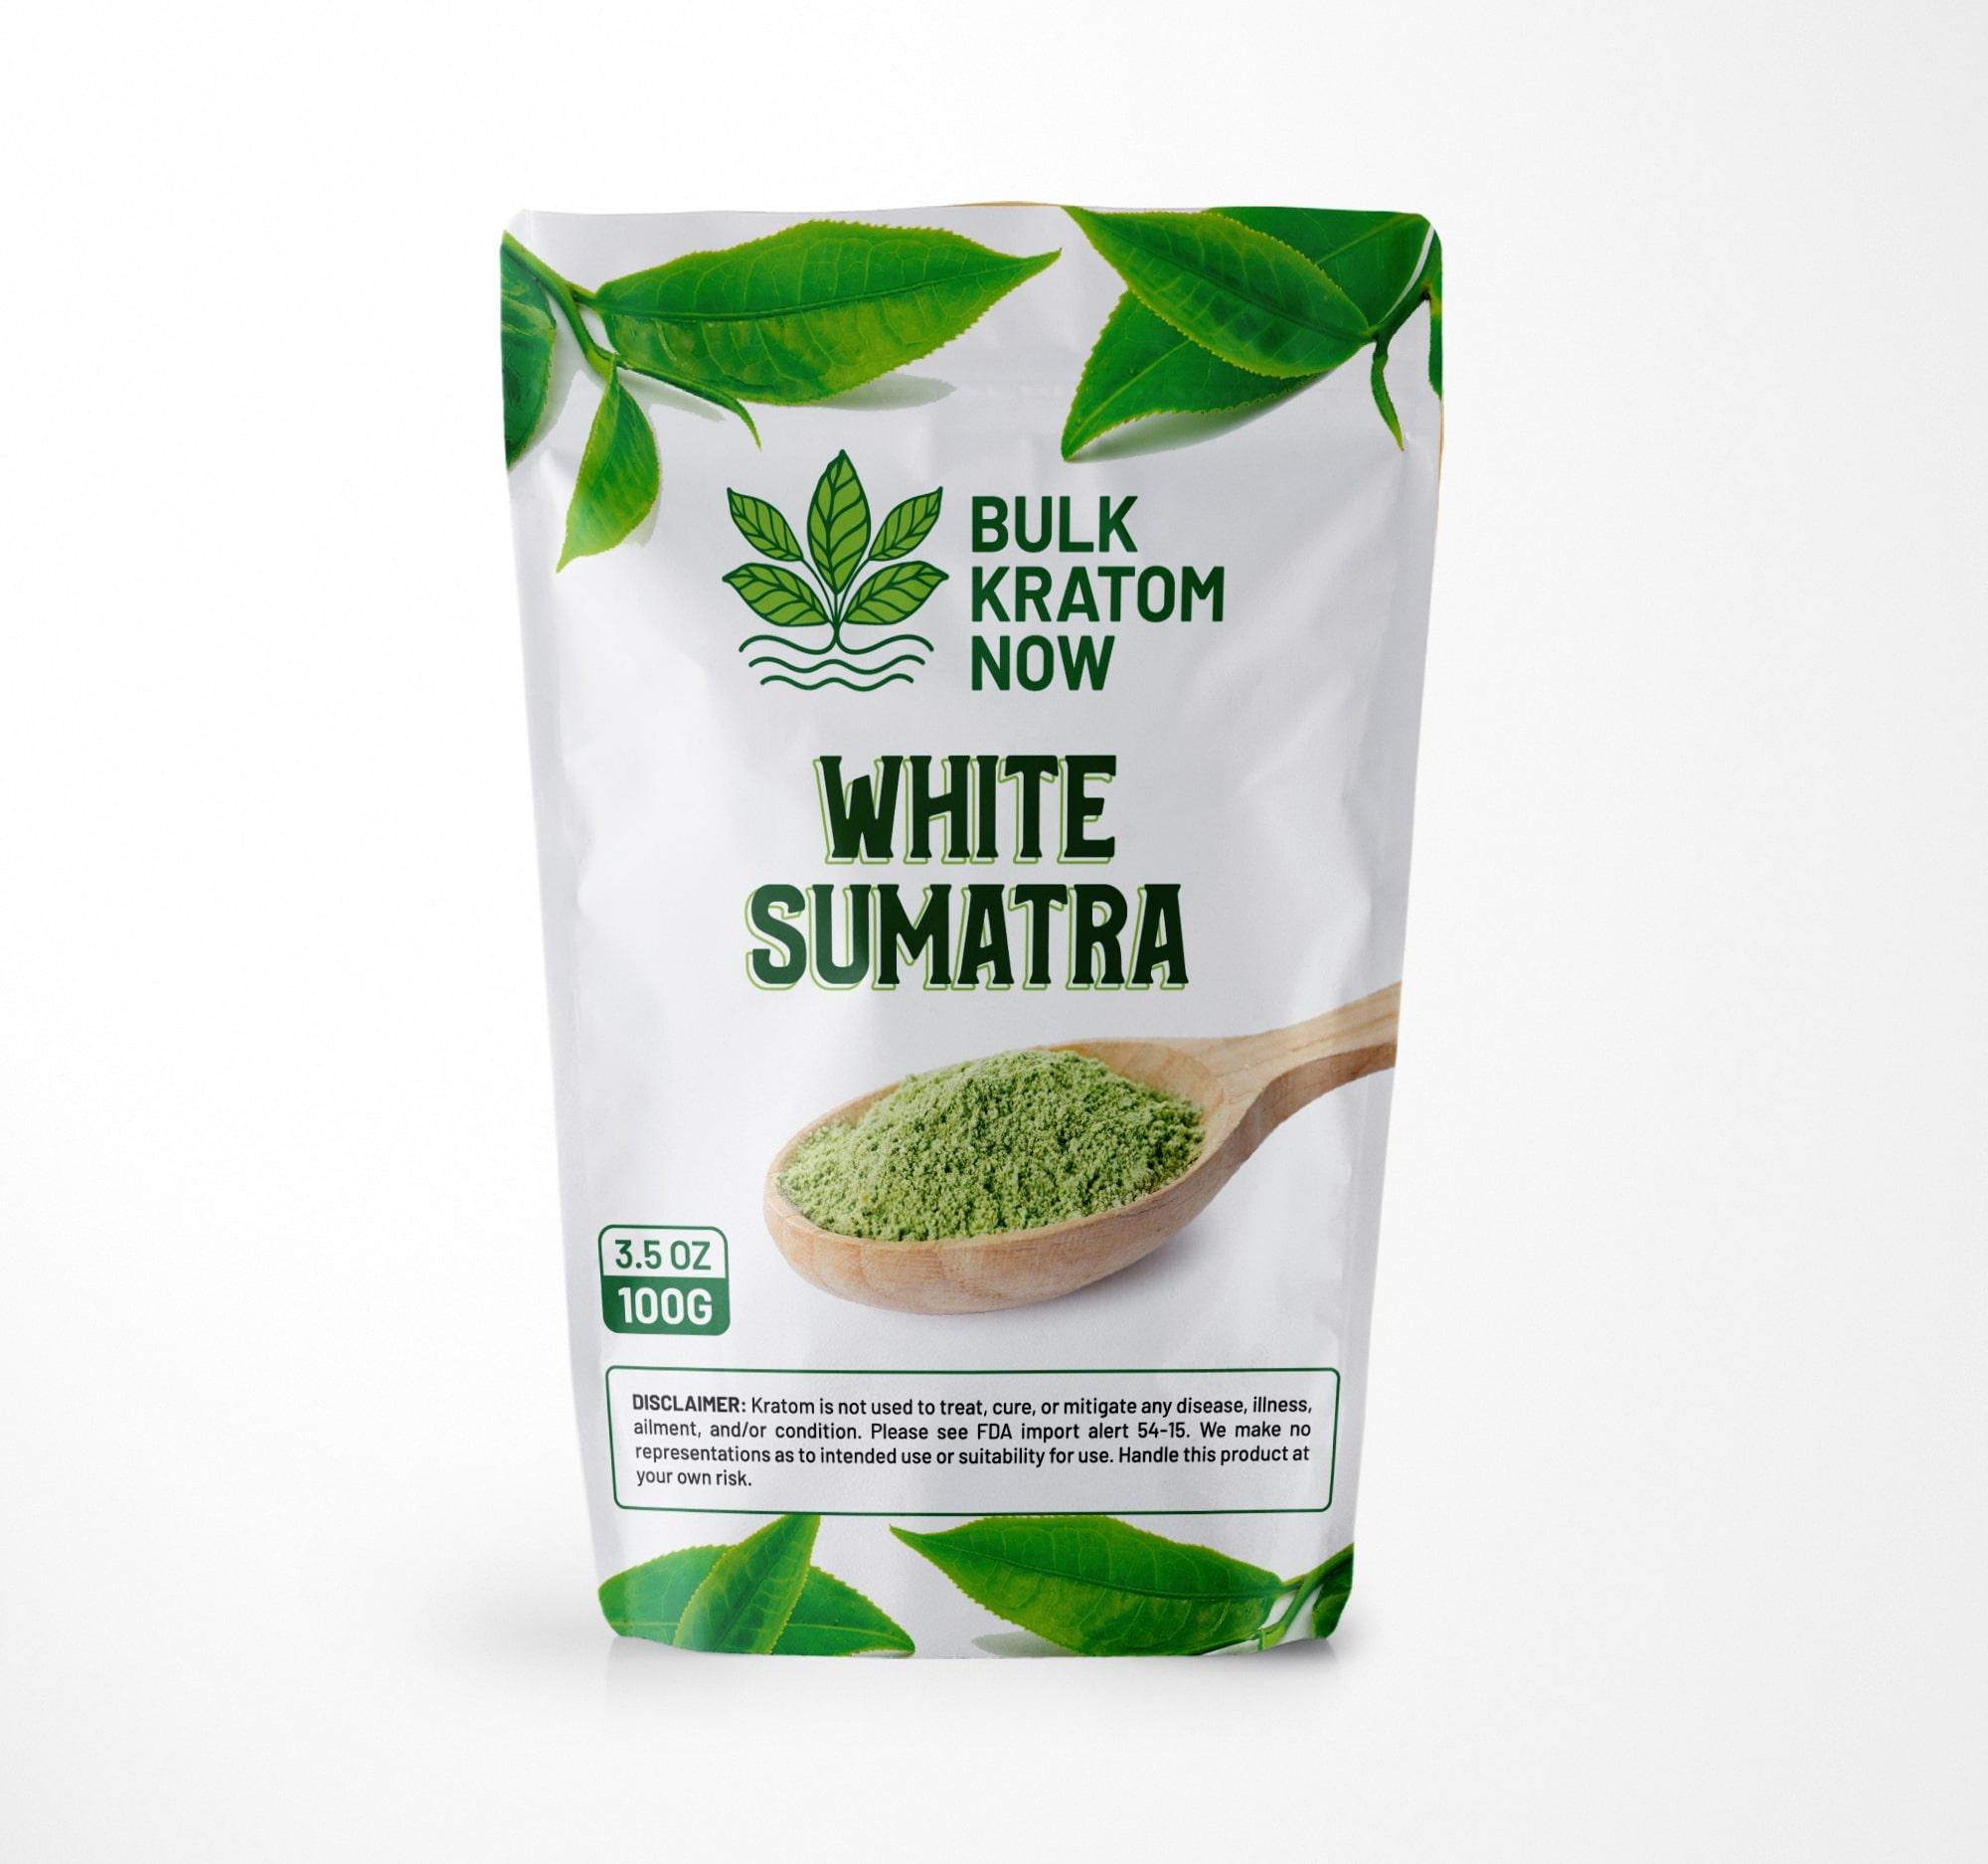 White Sumatra Bulk Kratom